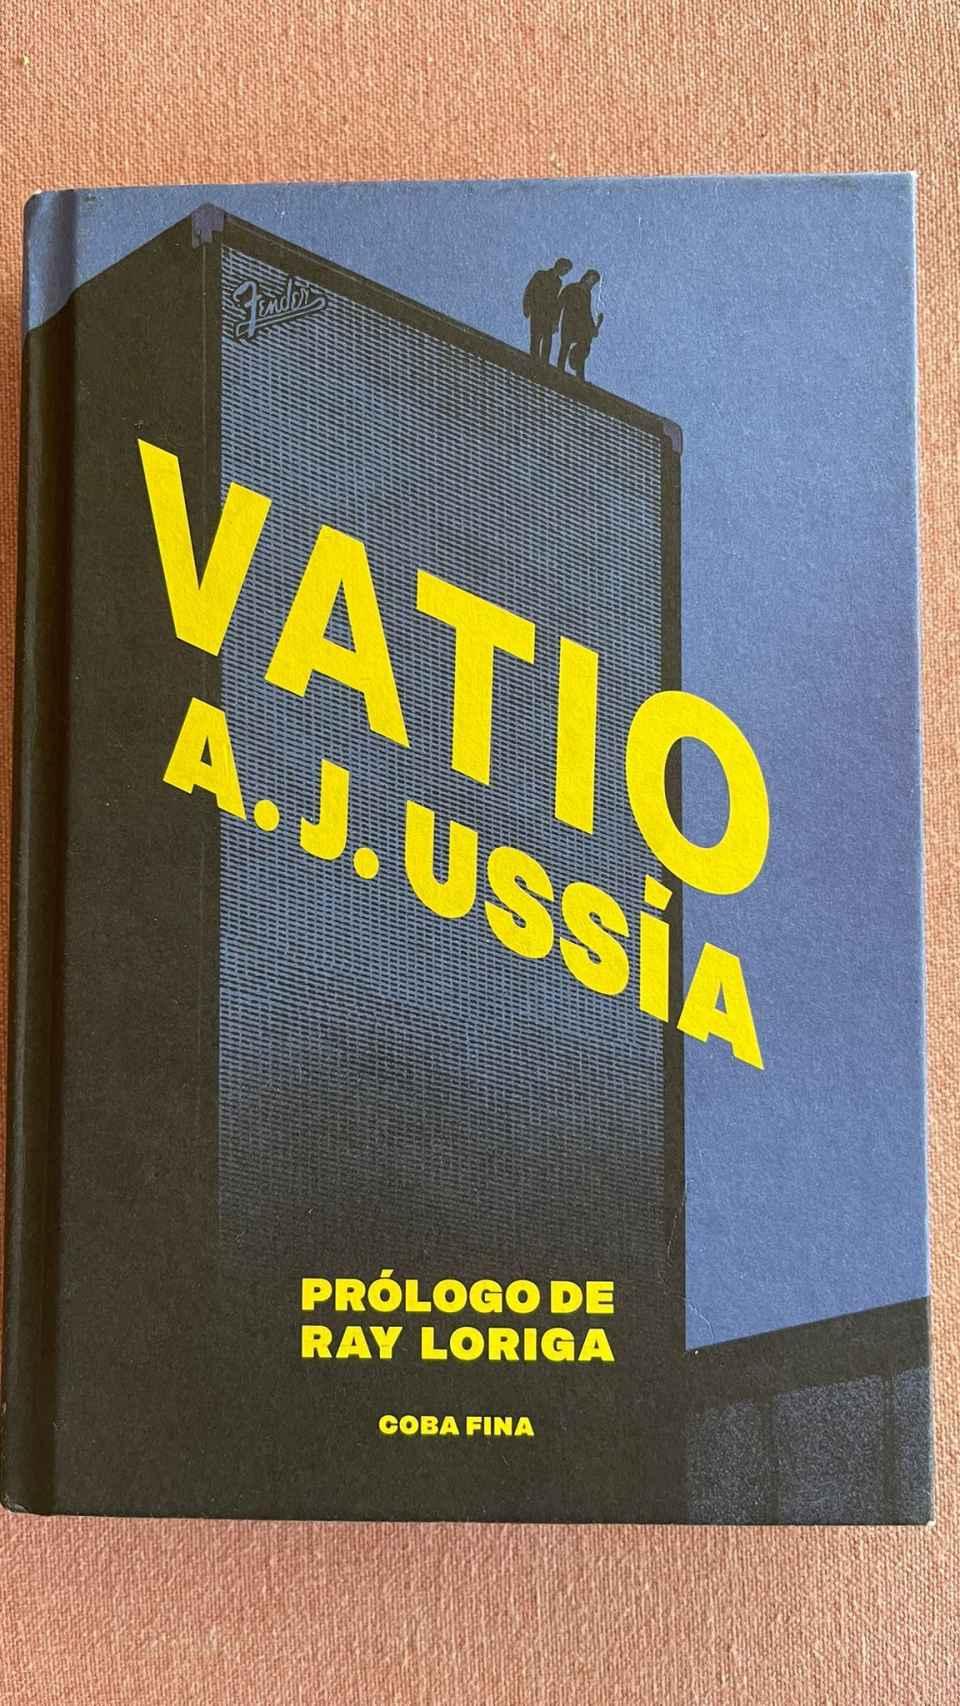 El ampli Fender en la portada de Vatio.